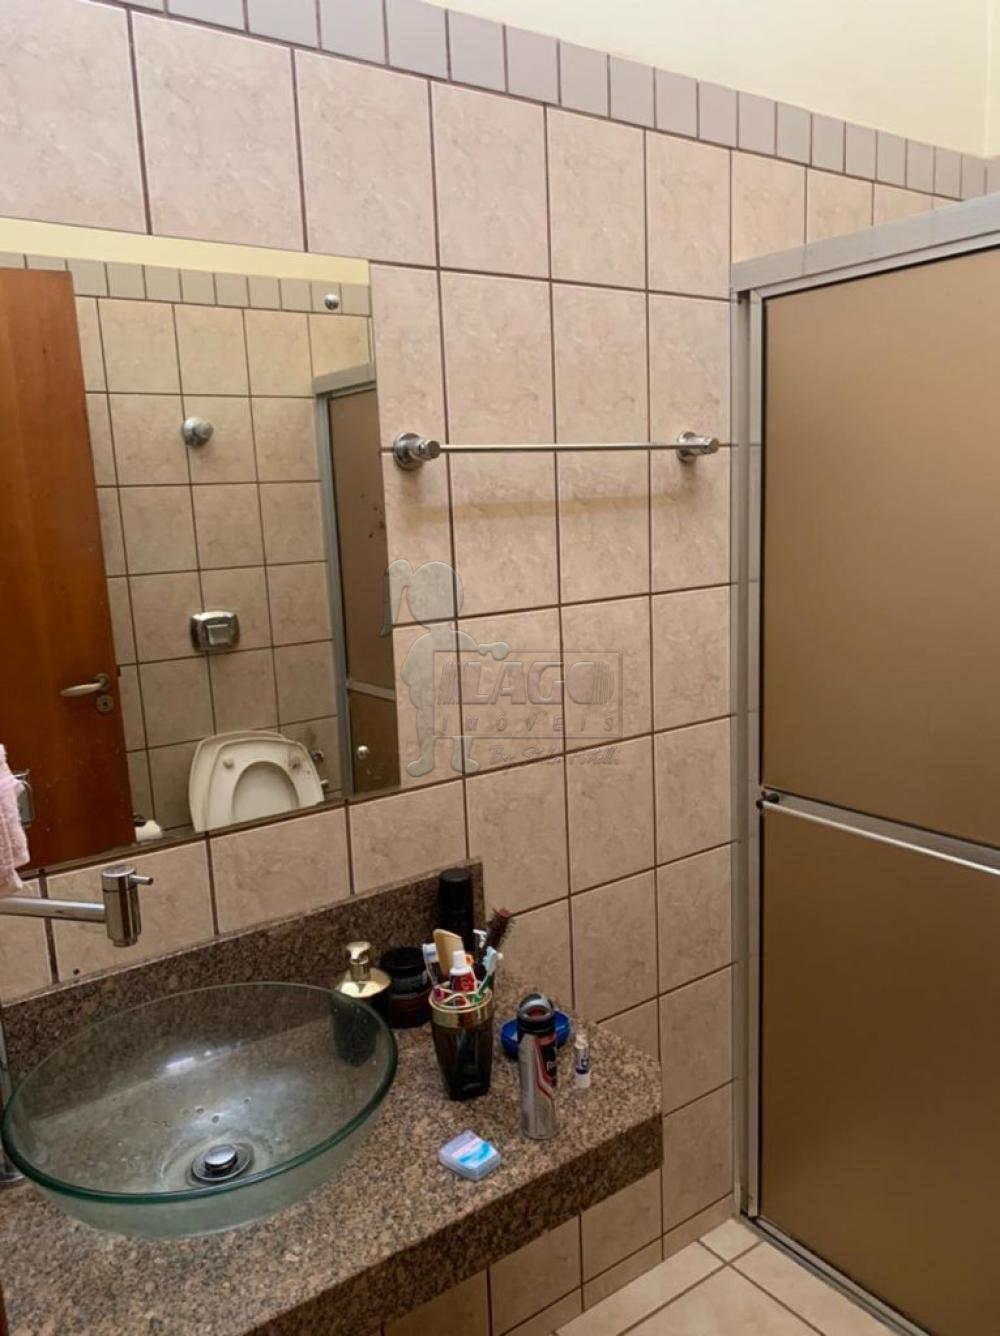 Comprar Casas / Padrão em Sertãozinho R$ 280.000,00 - Foto 15